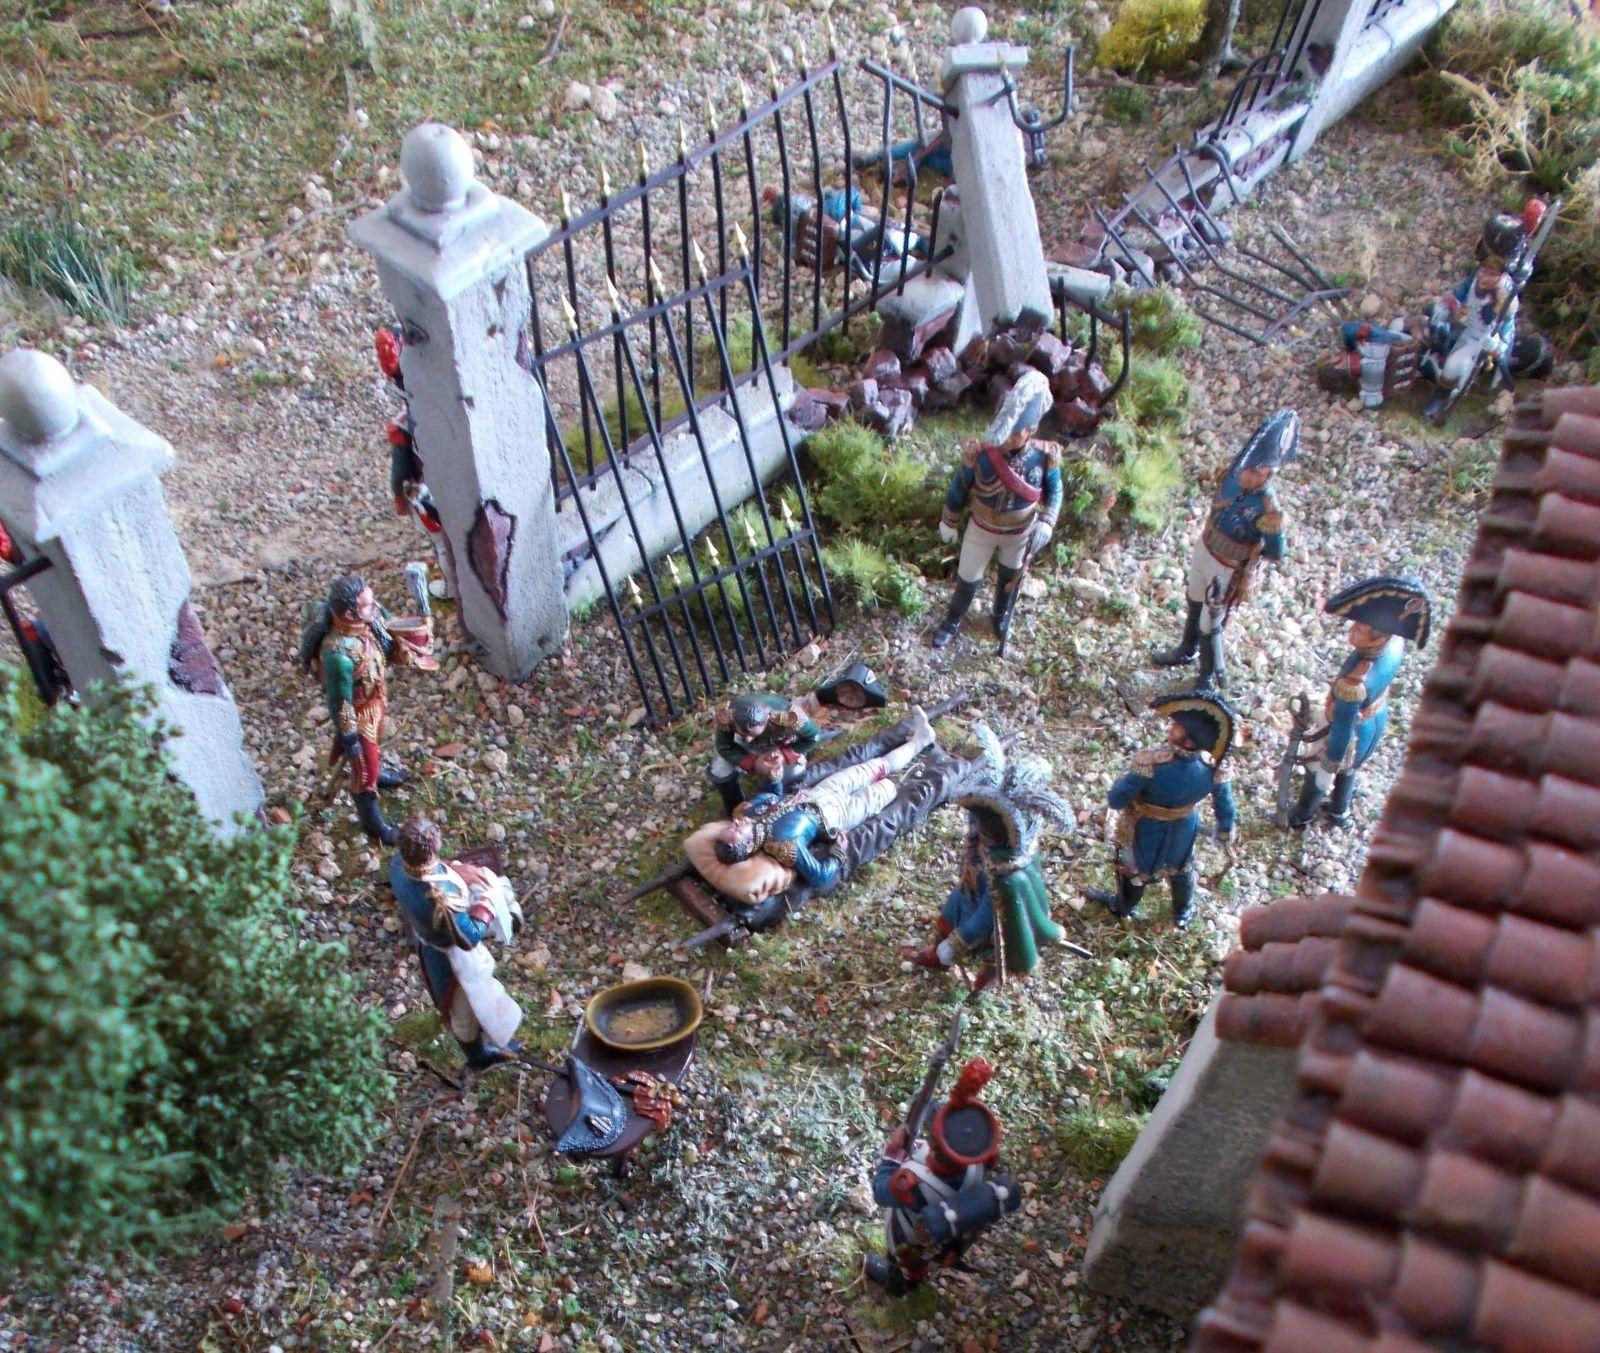 MORT DU MARECHAL LANNES - Aspern Essling 1809